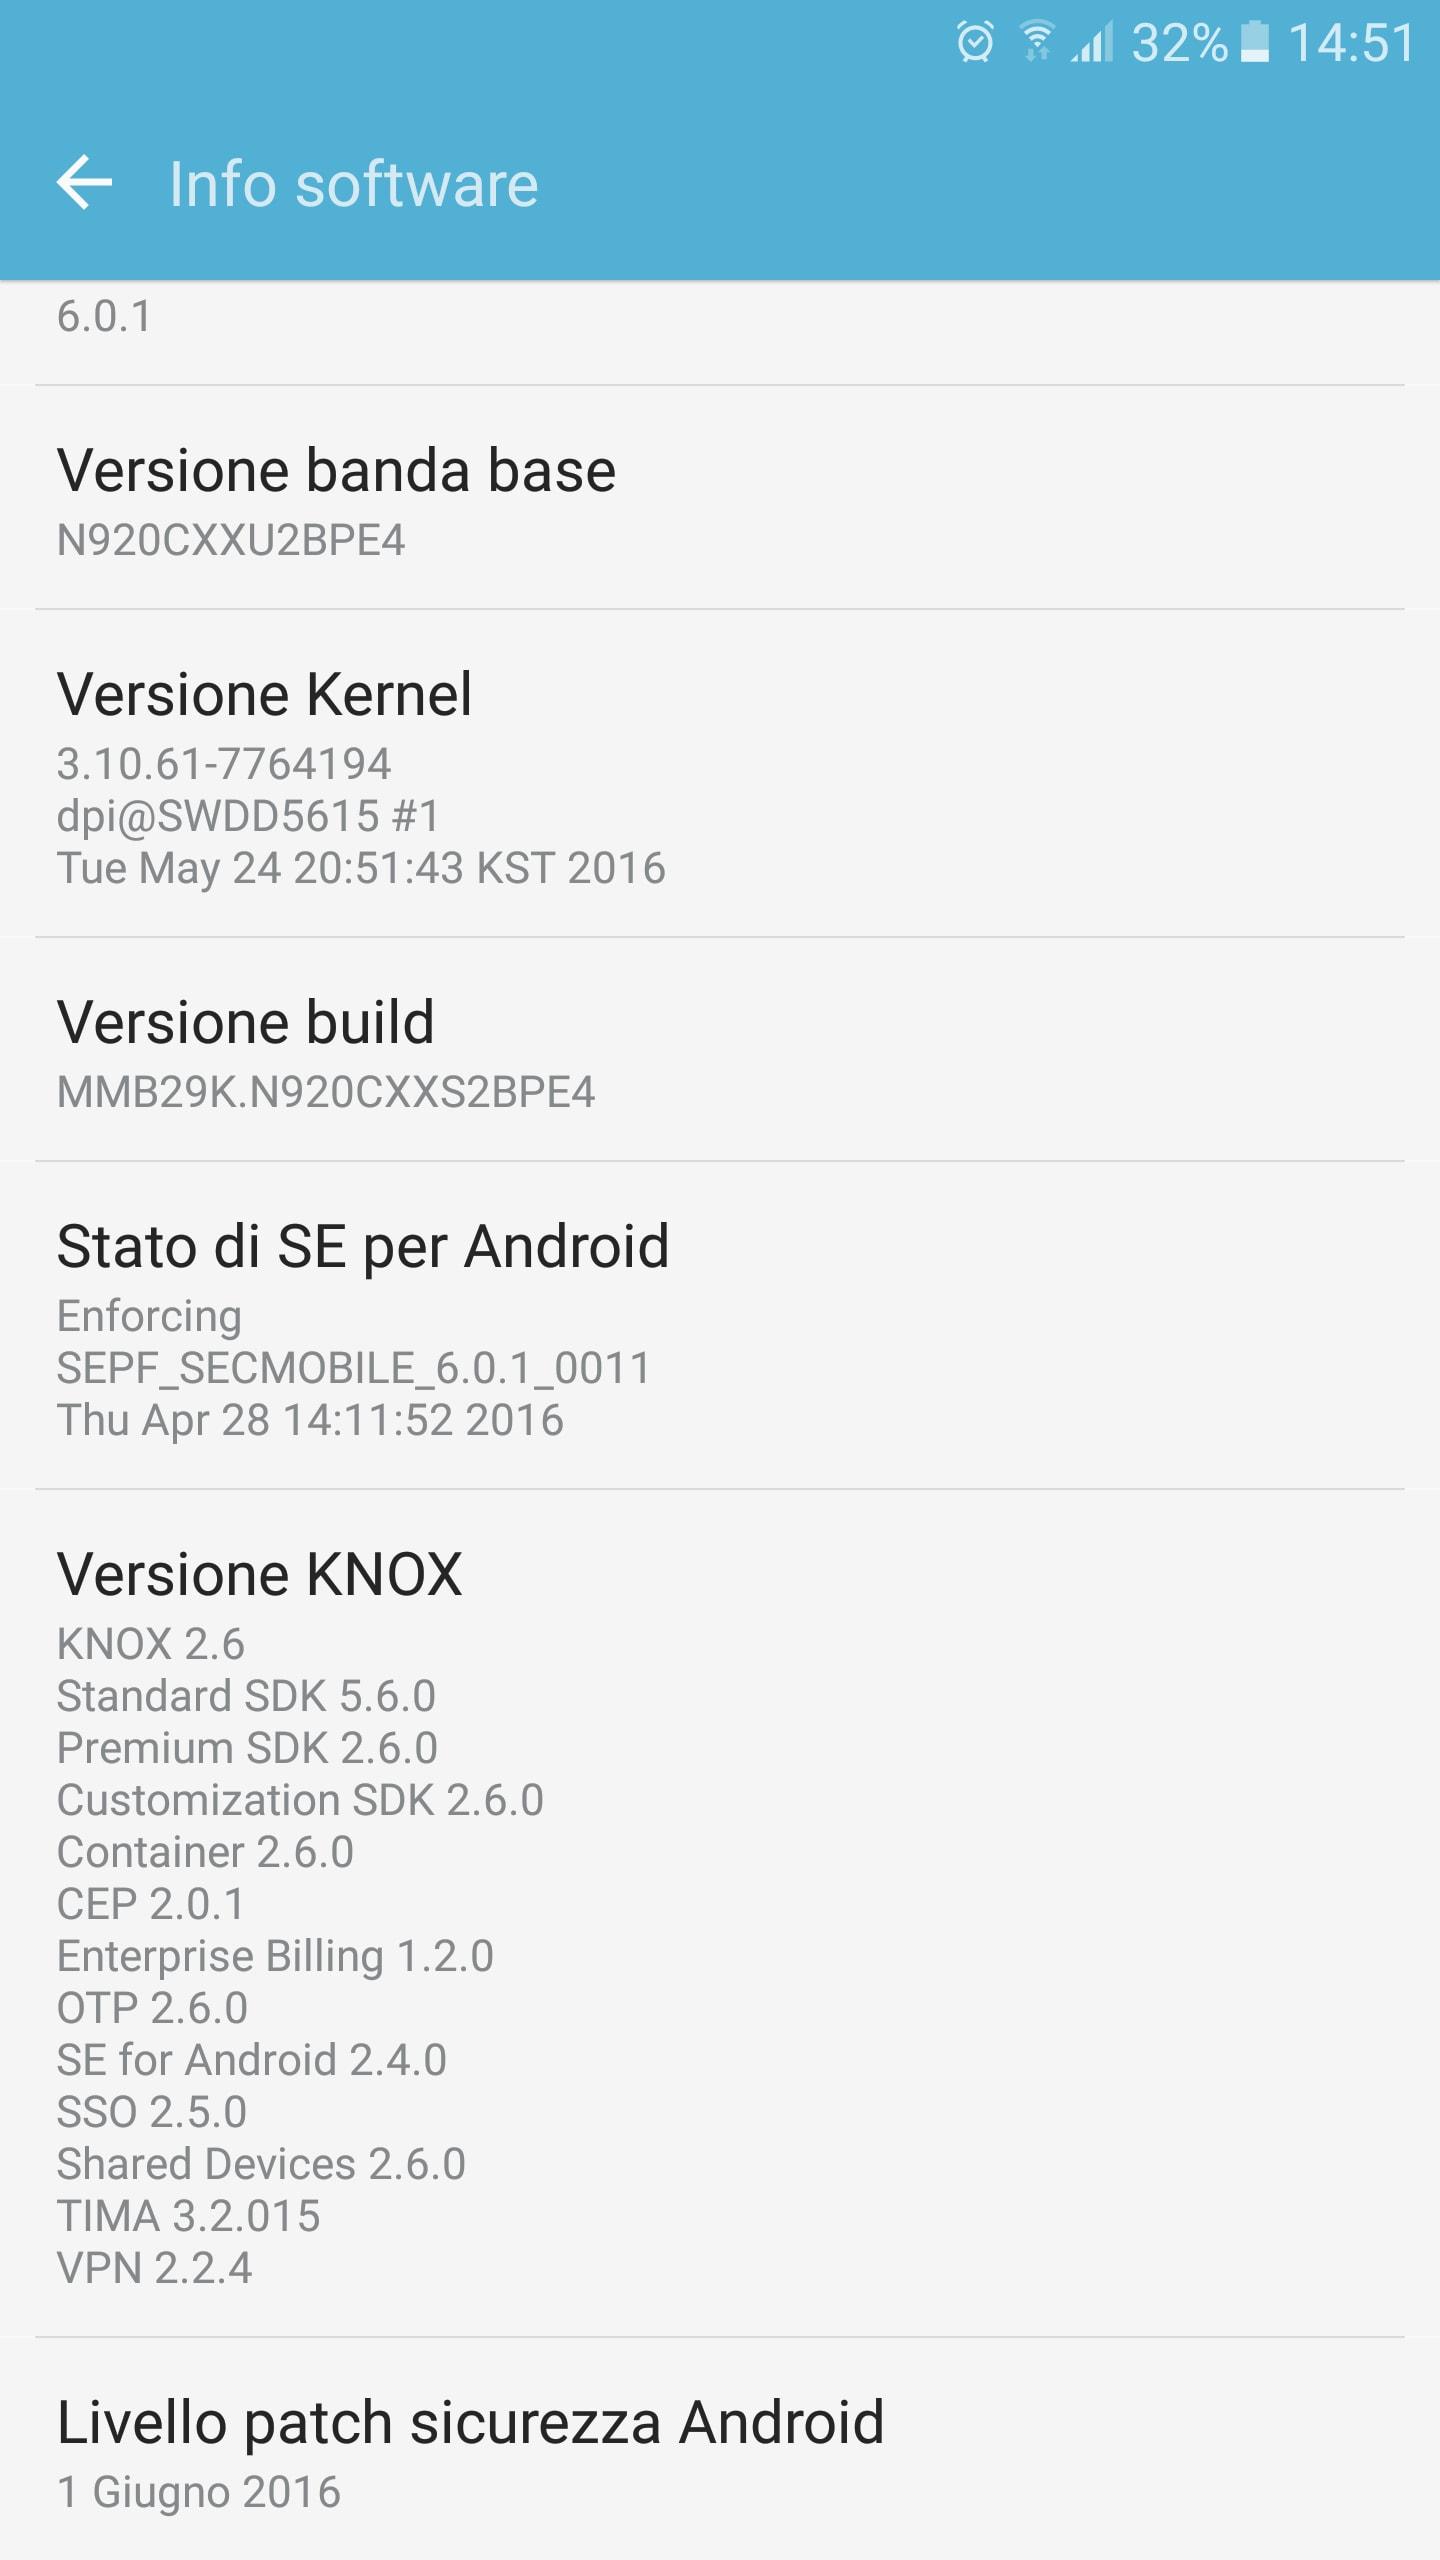 Galaxy Note 5 patch sicurezza giugno